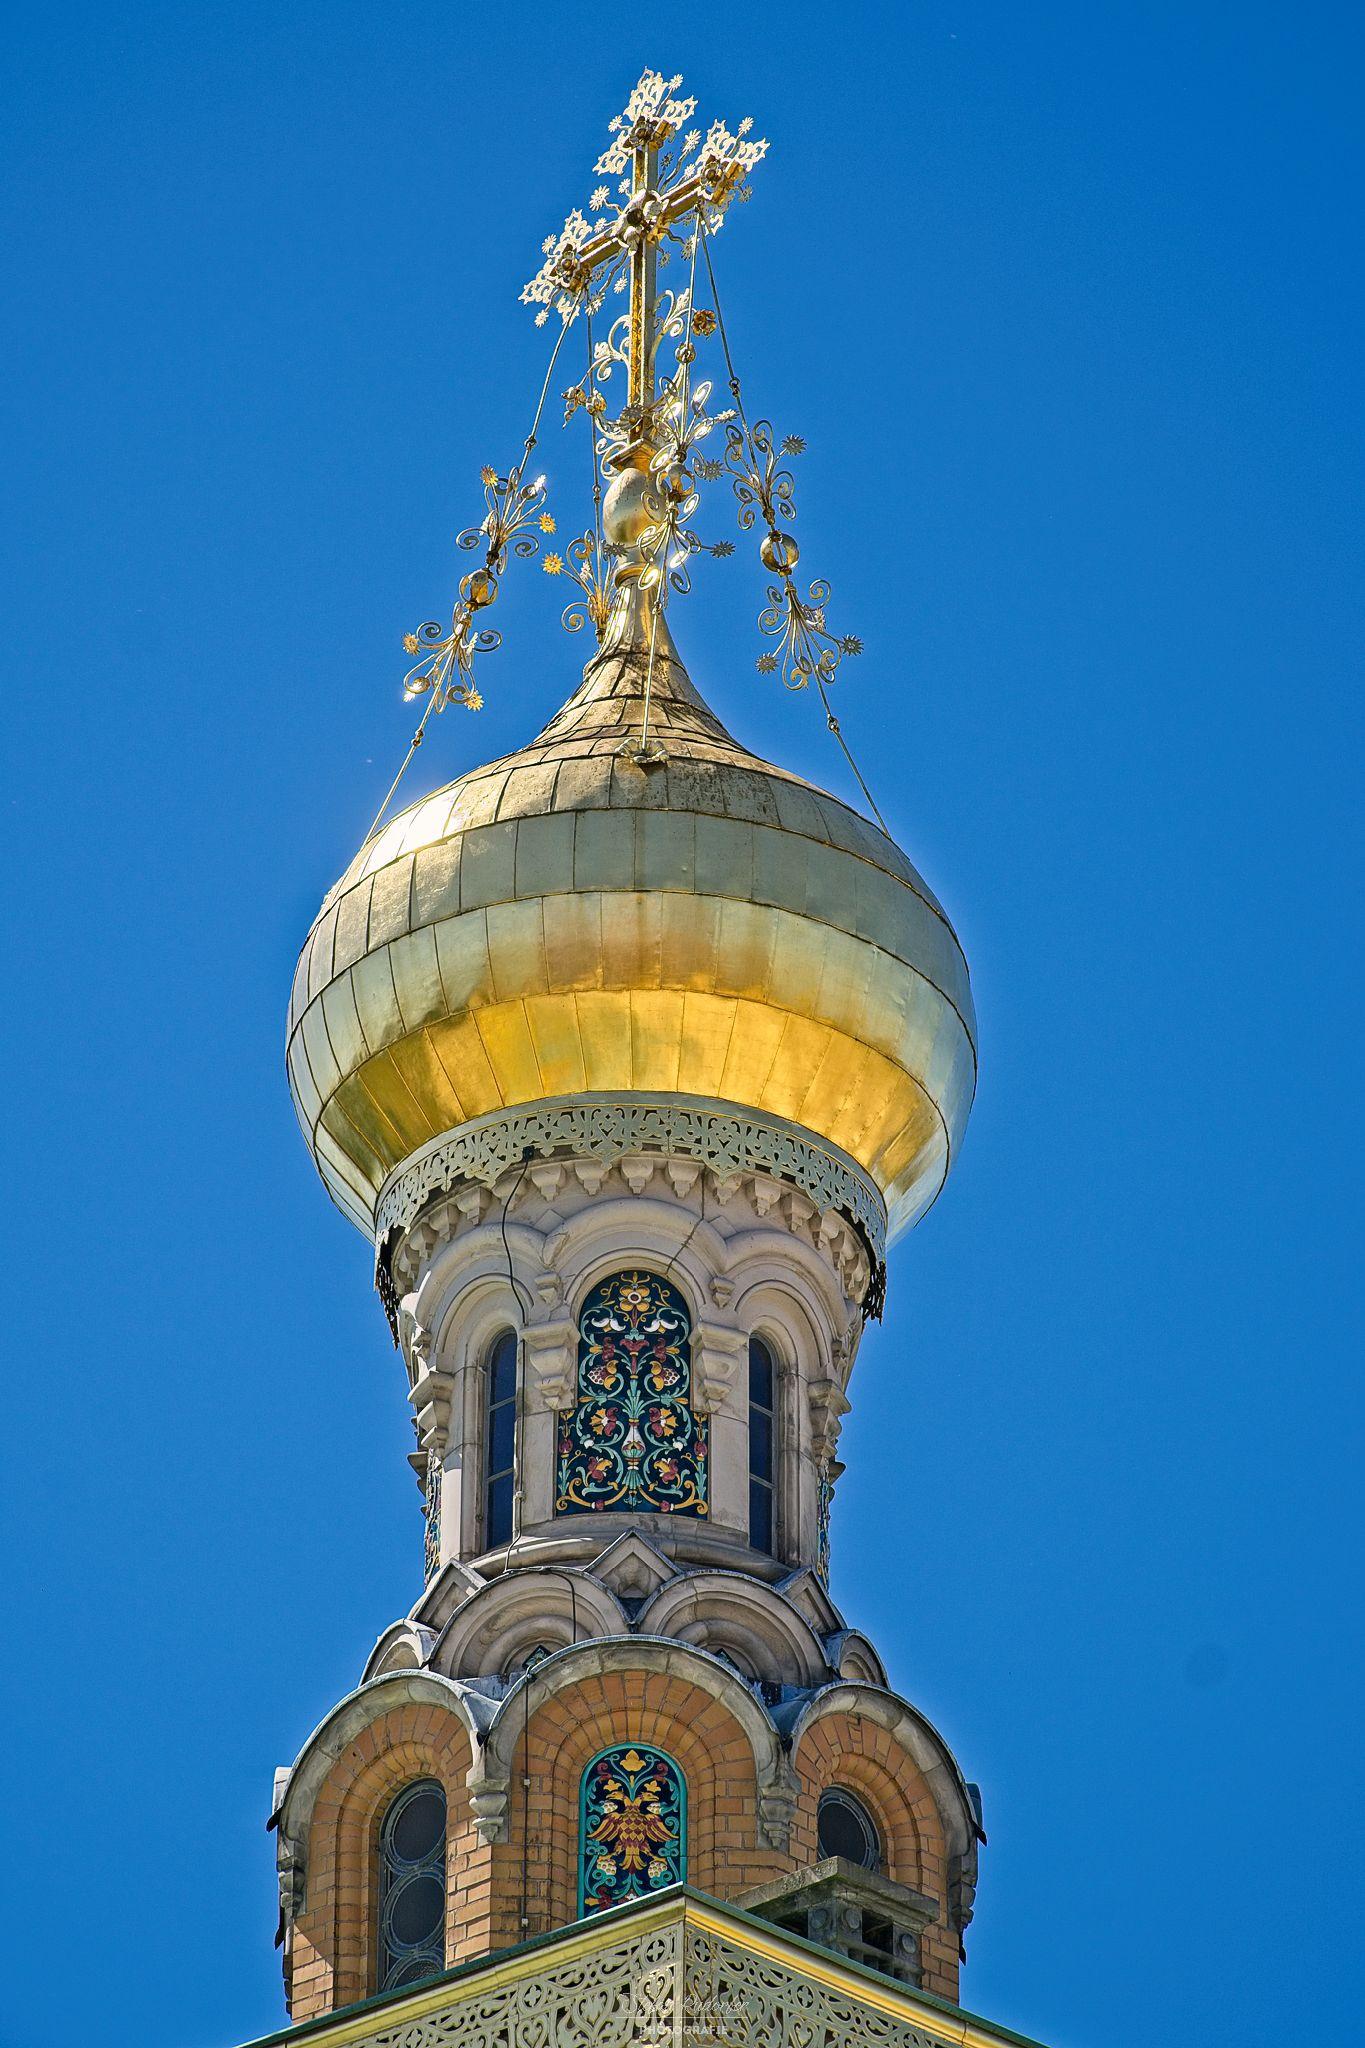 Vergoldeter Zwiebelturm